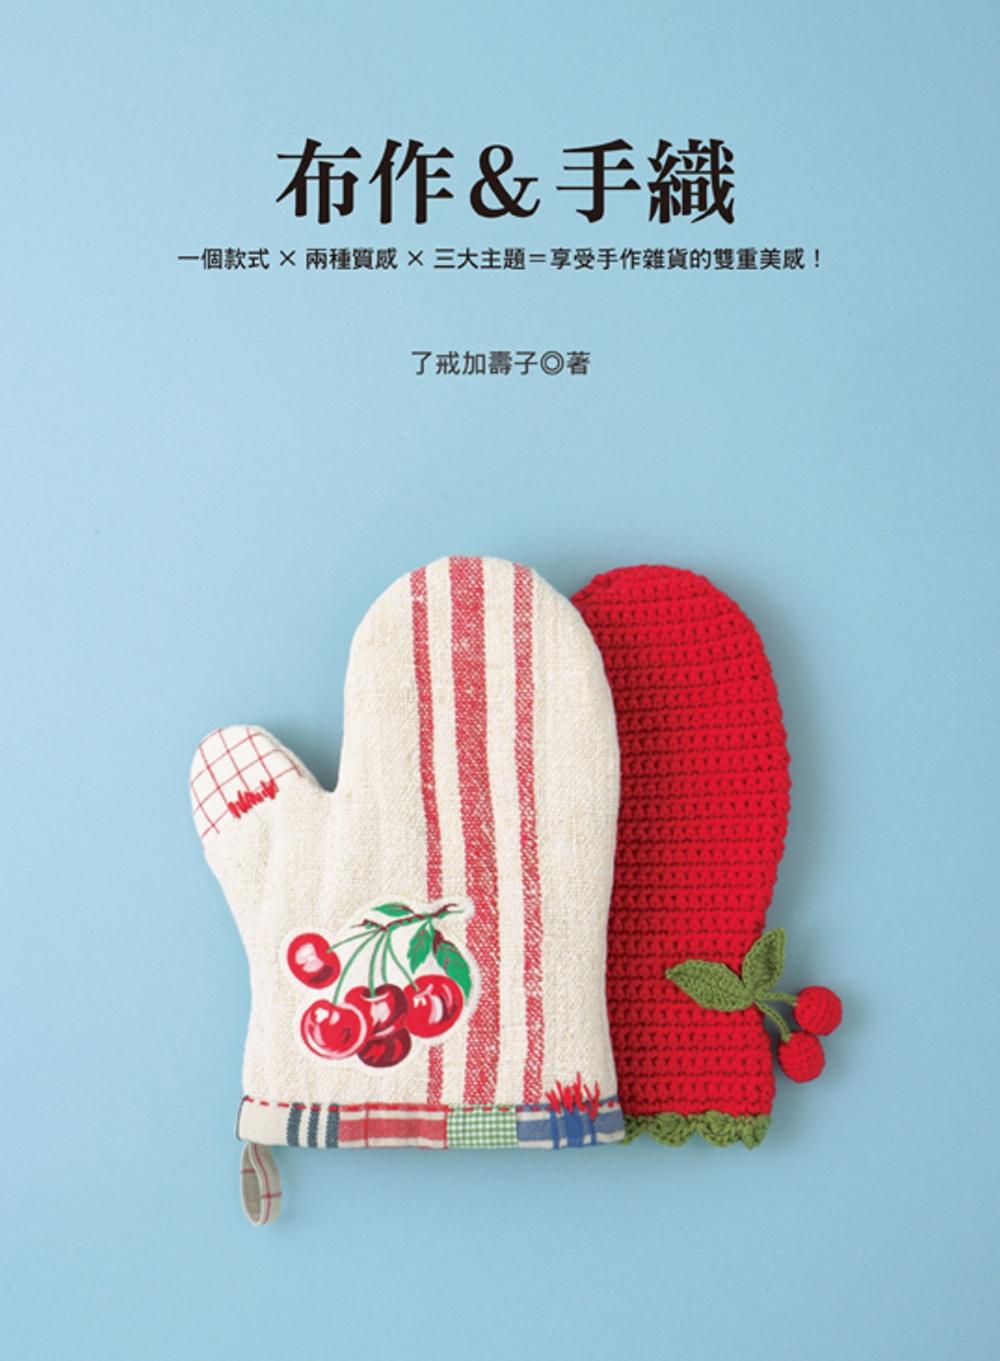 布作&手織:一個款式×兩種質感×三大主題=享受手作雜貨的雙重美感!